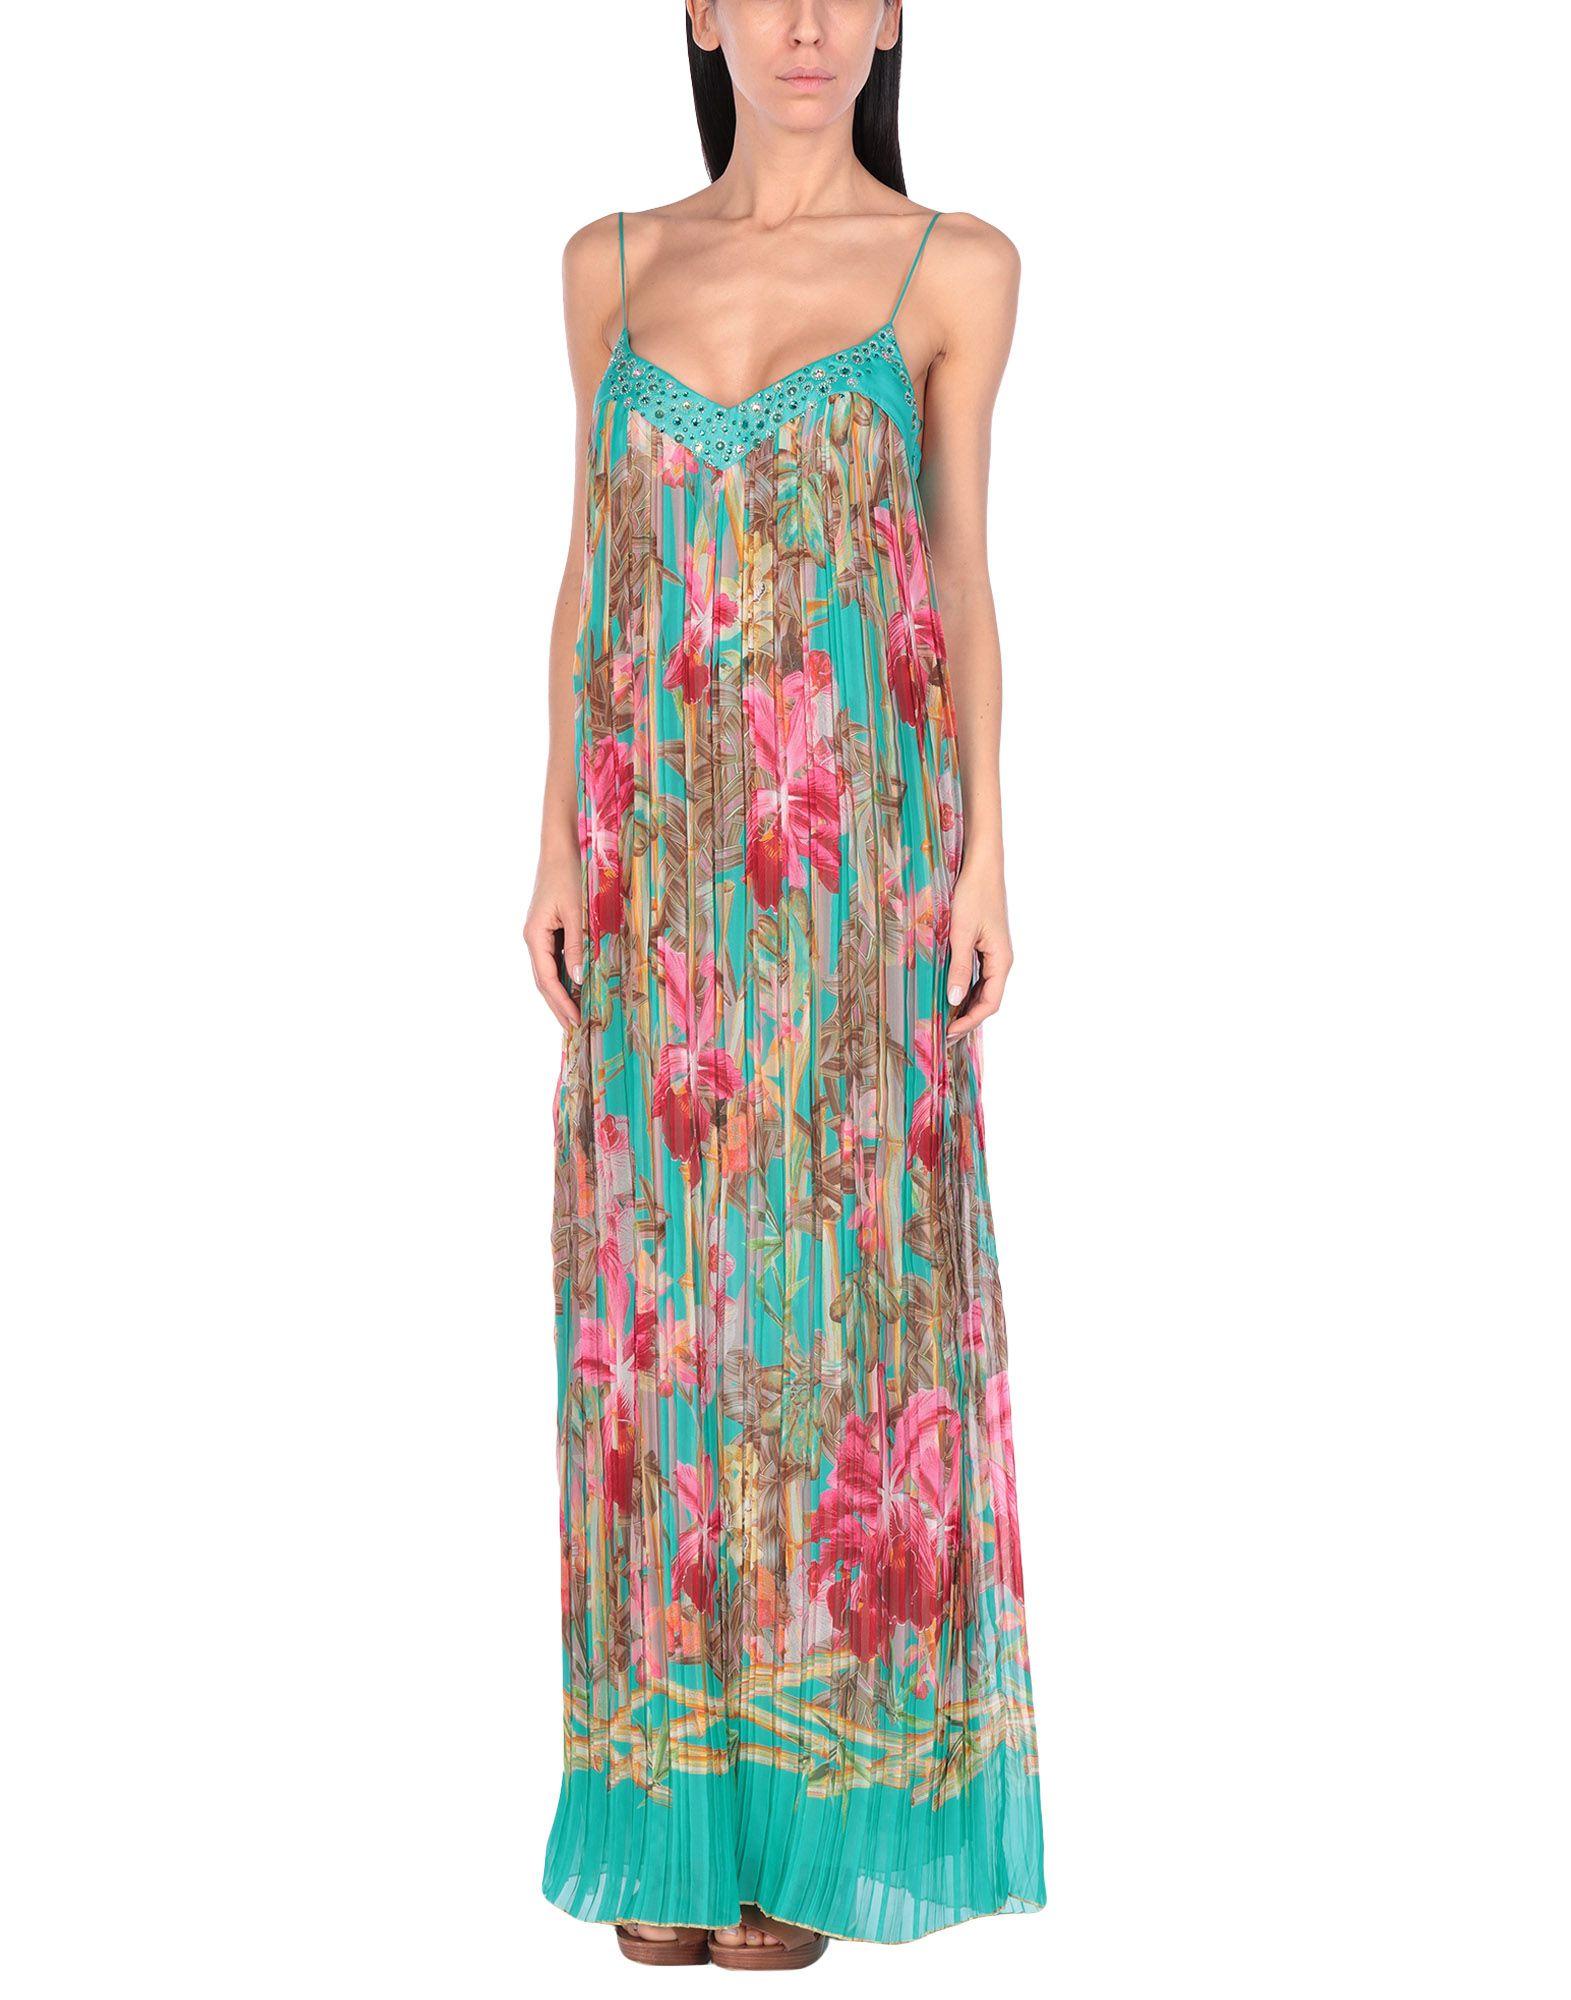 купить VDP BEACH Пляжное платье по цене 44000 рублей